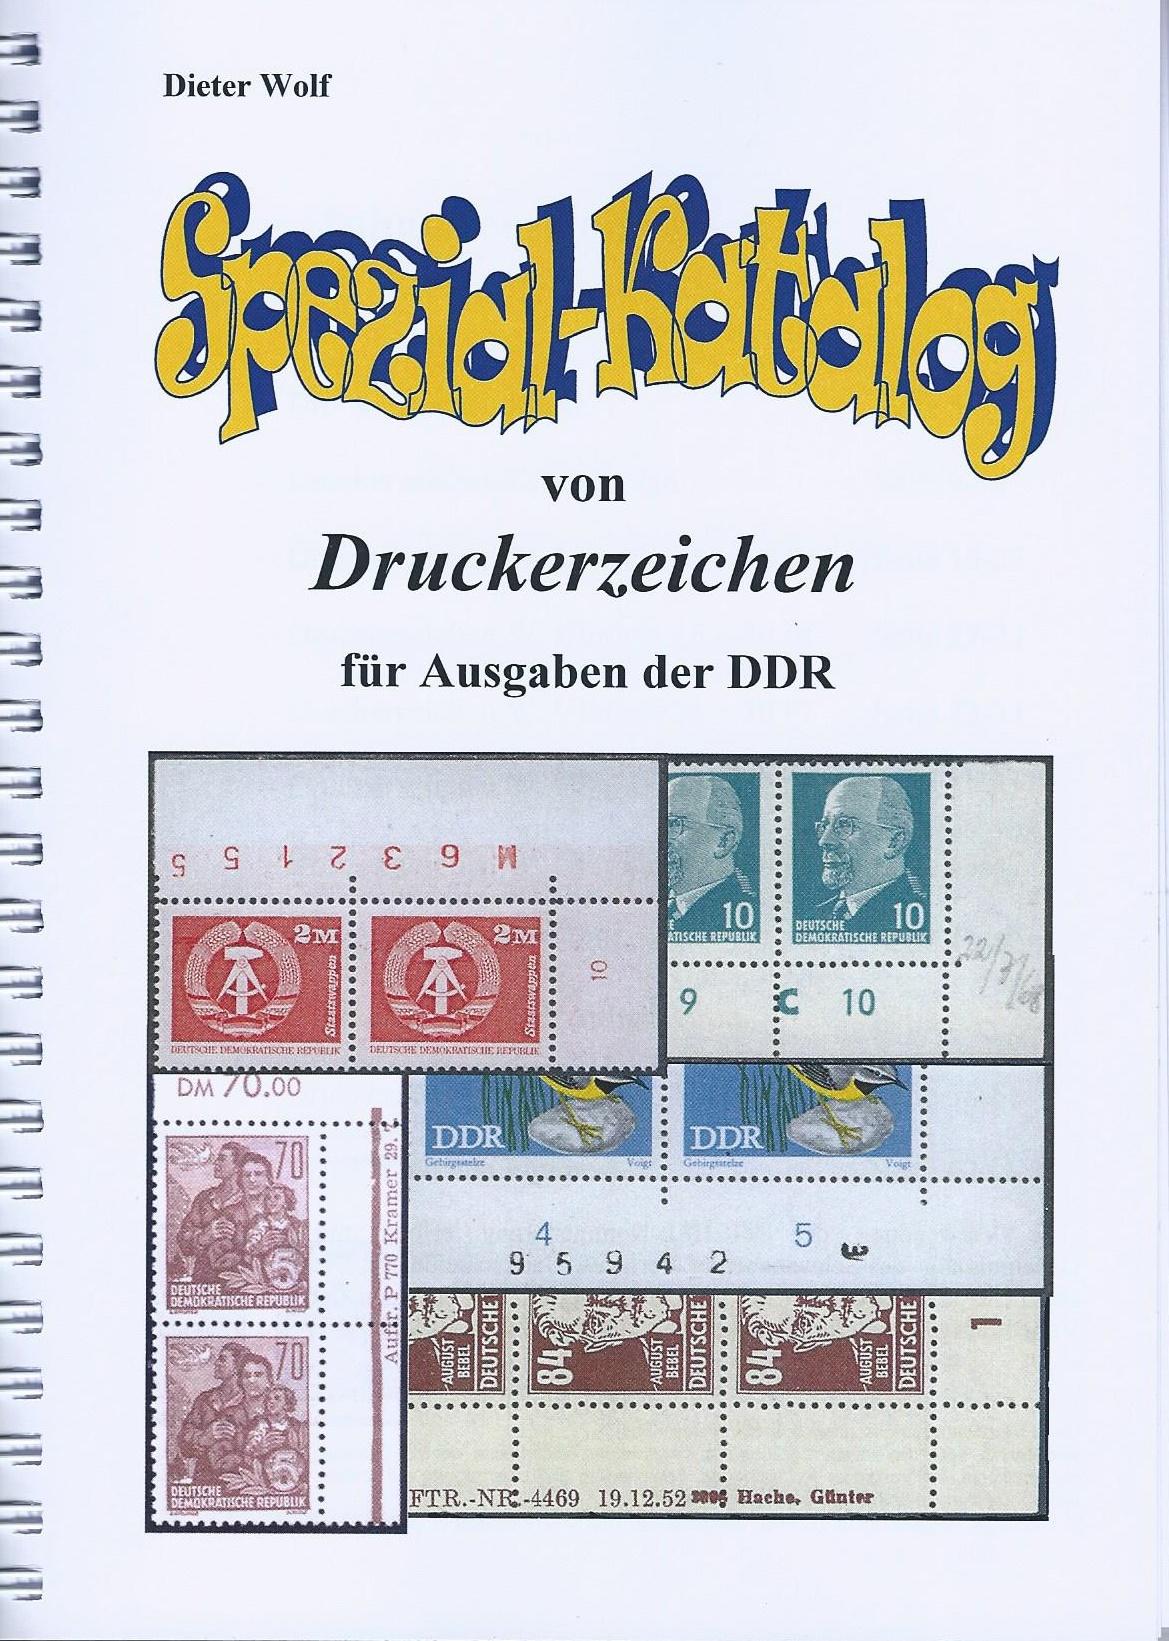 DDR Philatelie Literatur Druckerzeichen DZ Katalog